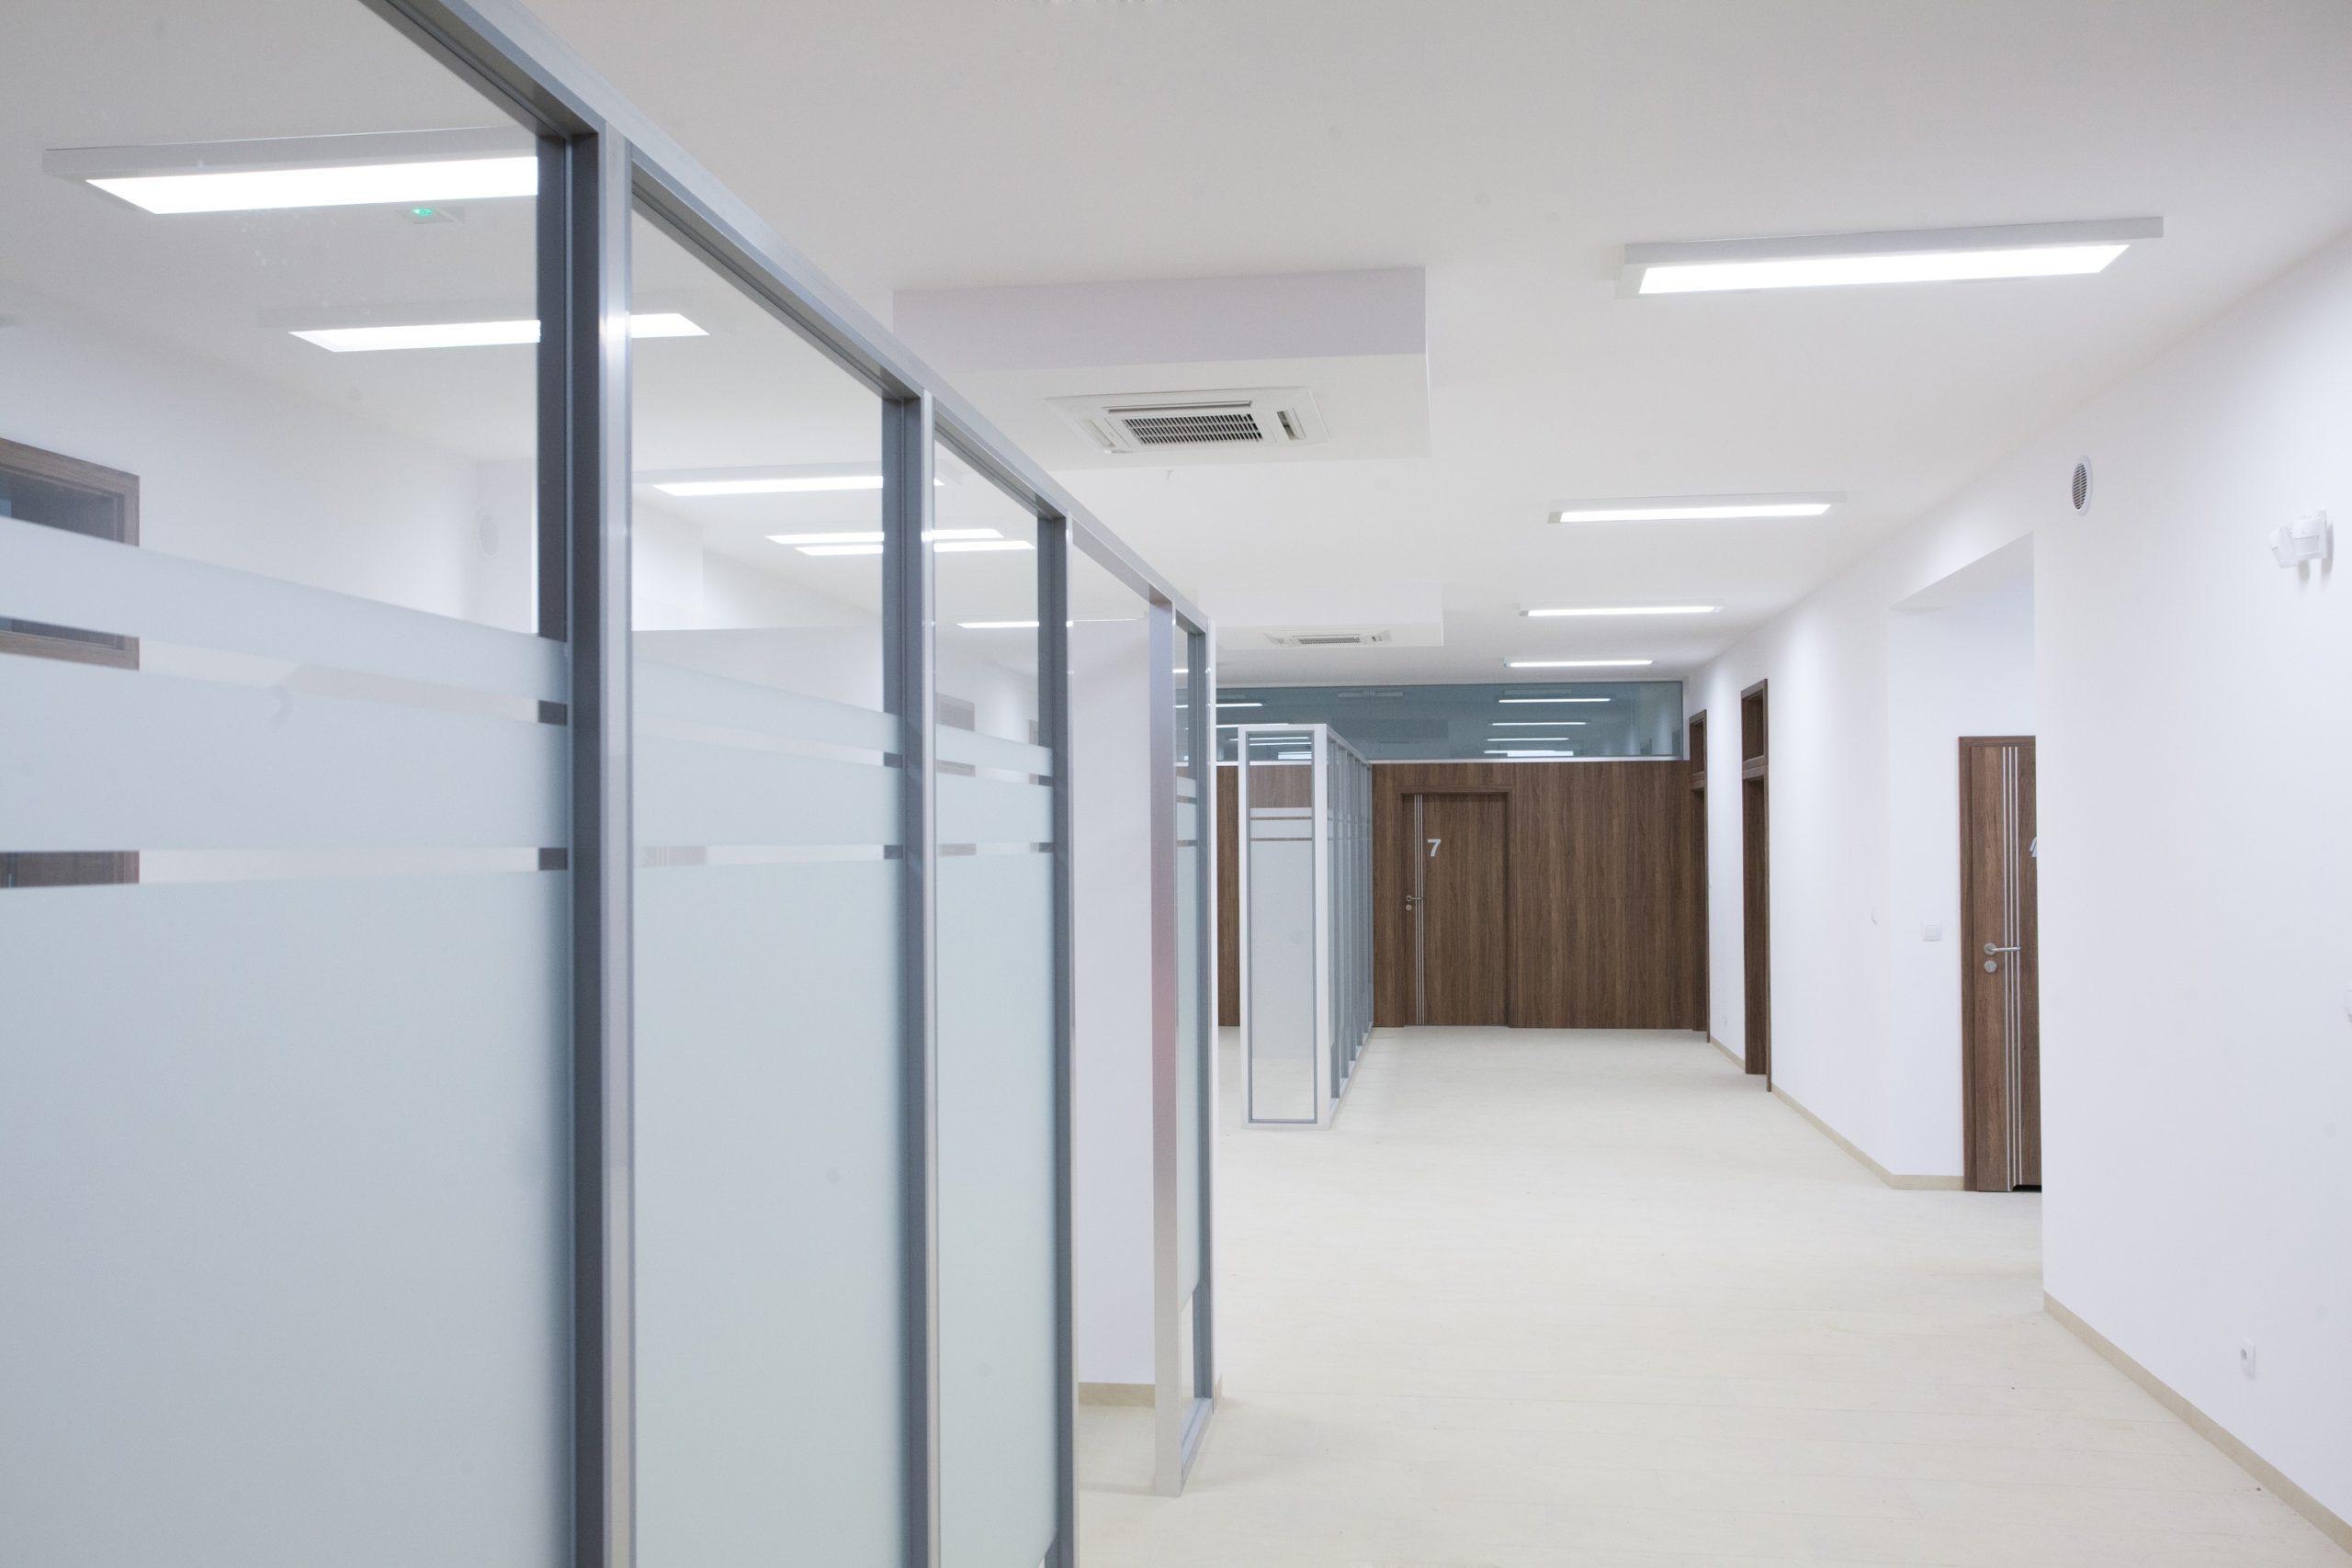 Oprawy natynkowe Edge w przychodni lekarskiej w Sztumie - Luxon LED